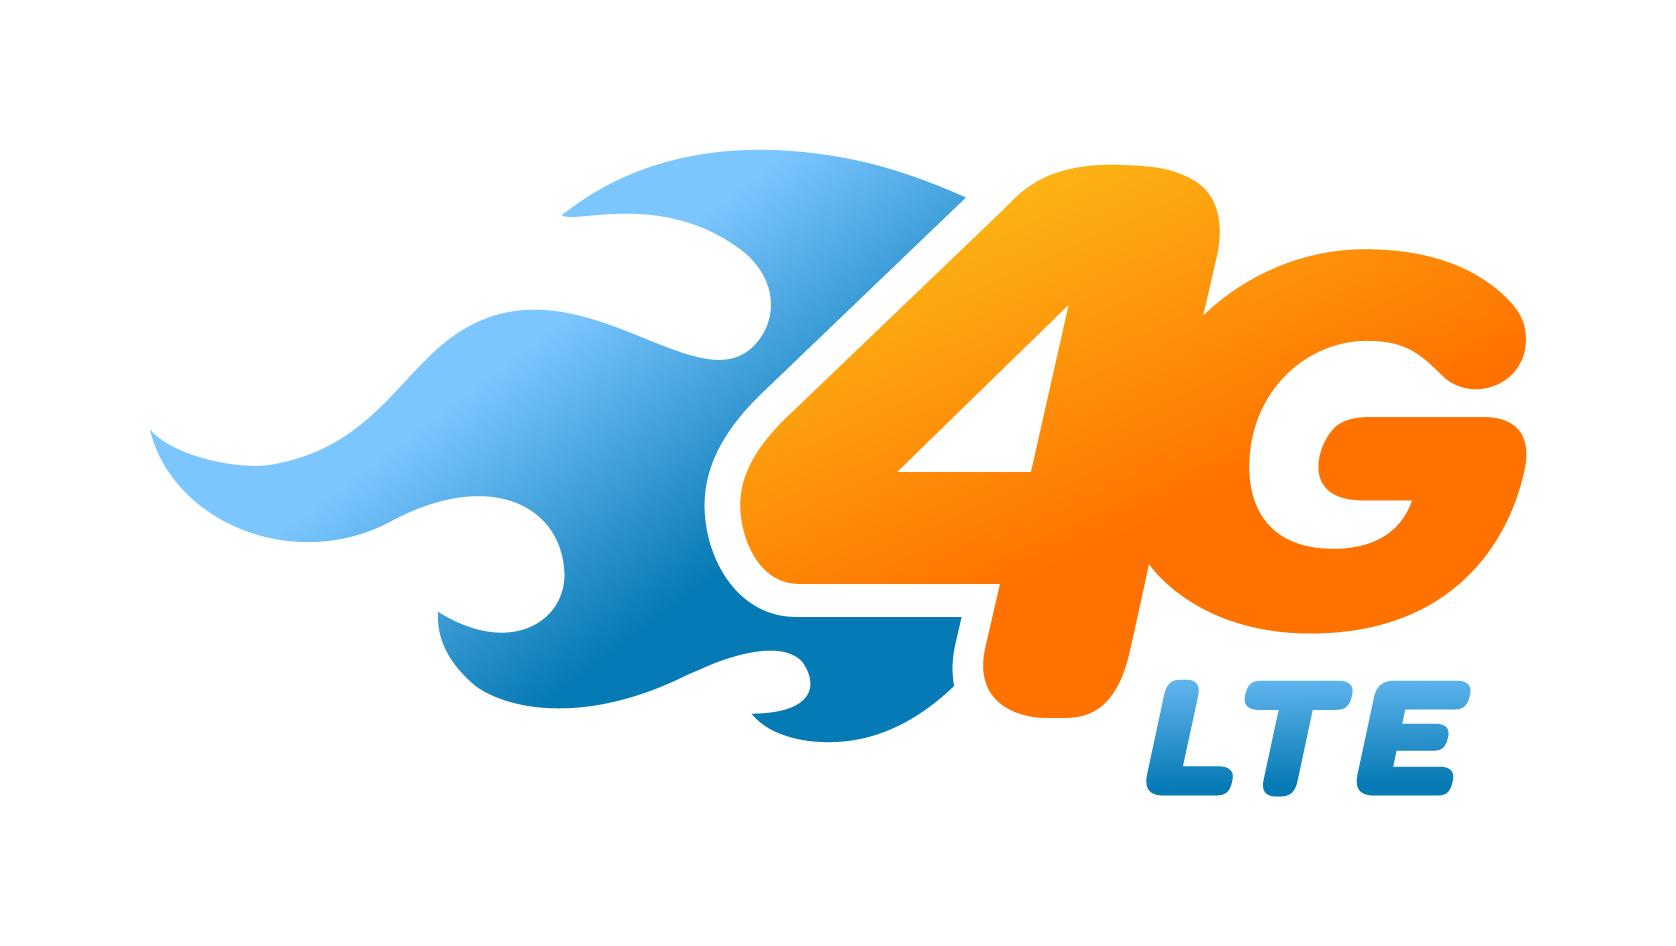 4G può essere utilizzato su telefoni cellulari Android 3G 2